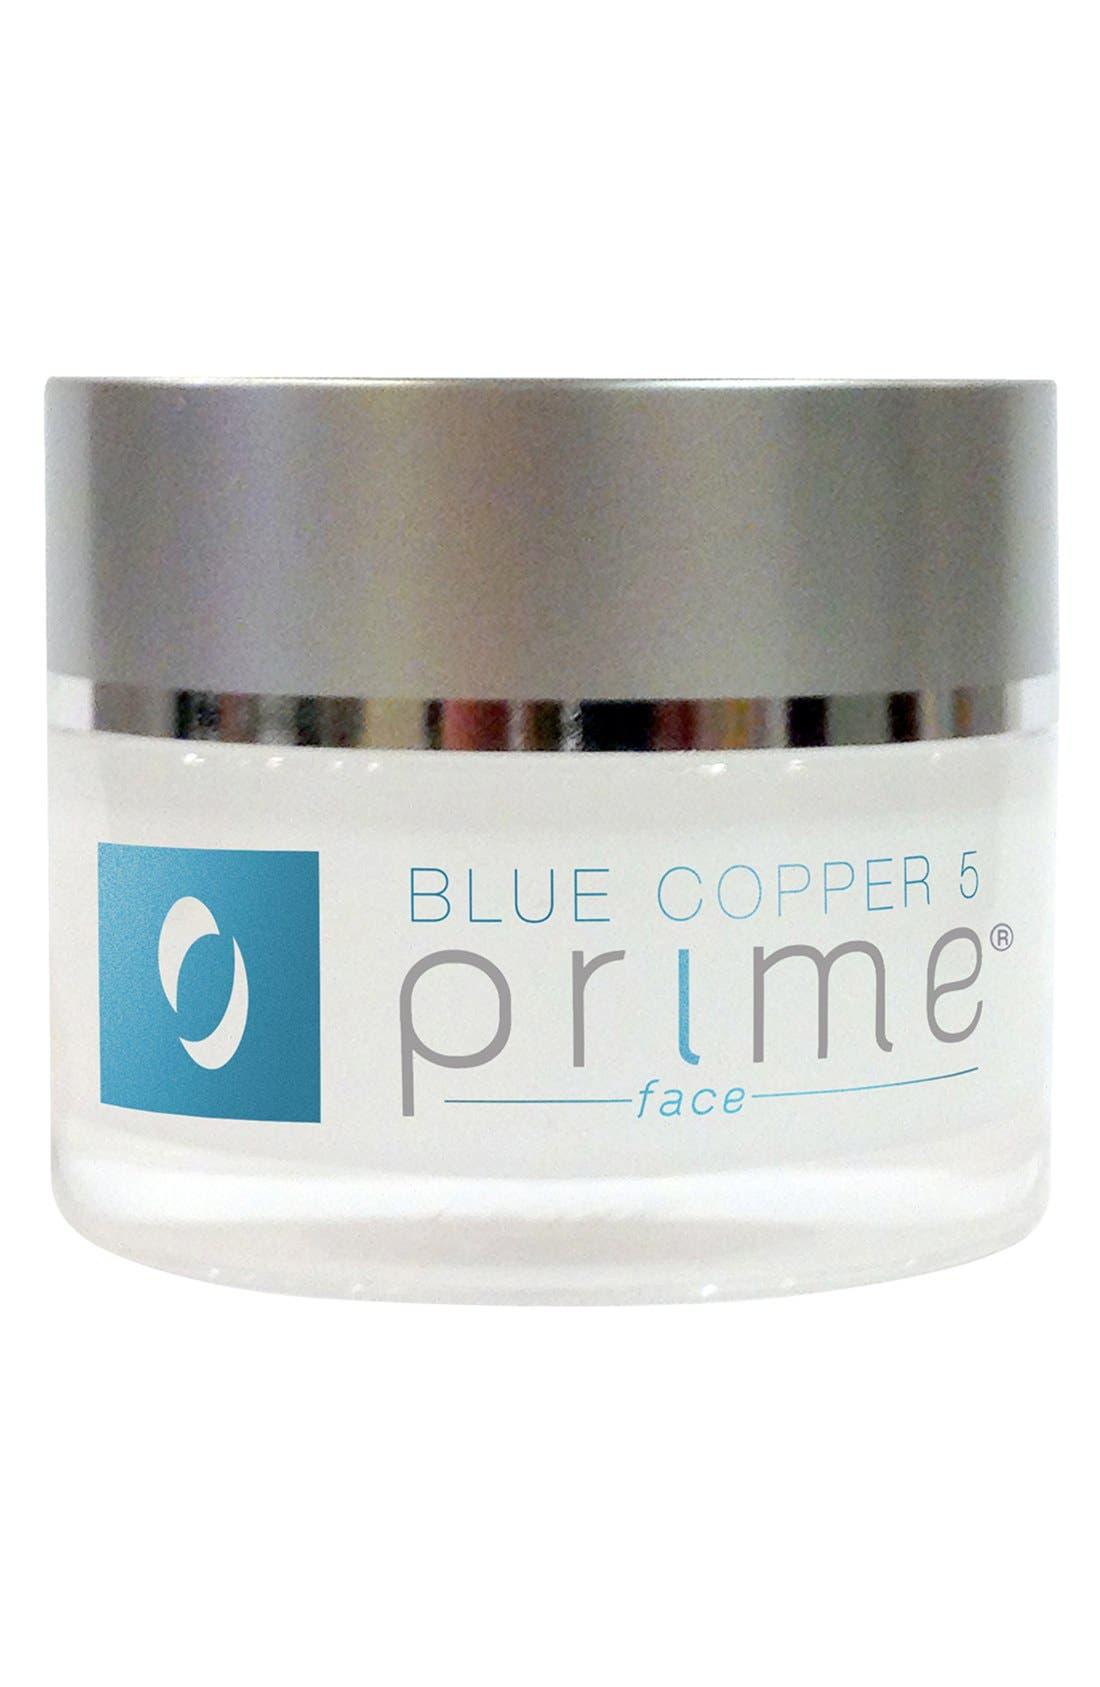 Blue Copper 5 Prime for Face,                             Main thumbnail 1, color,                             NO COLOR